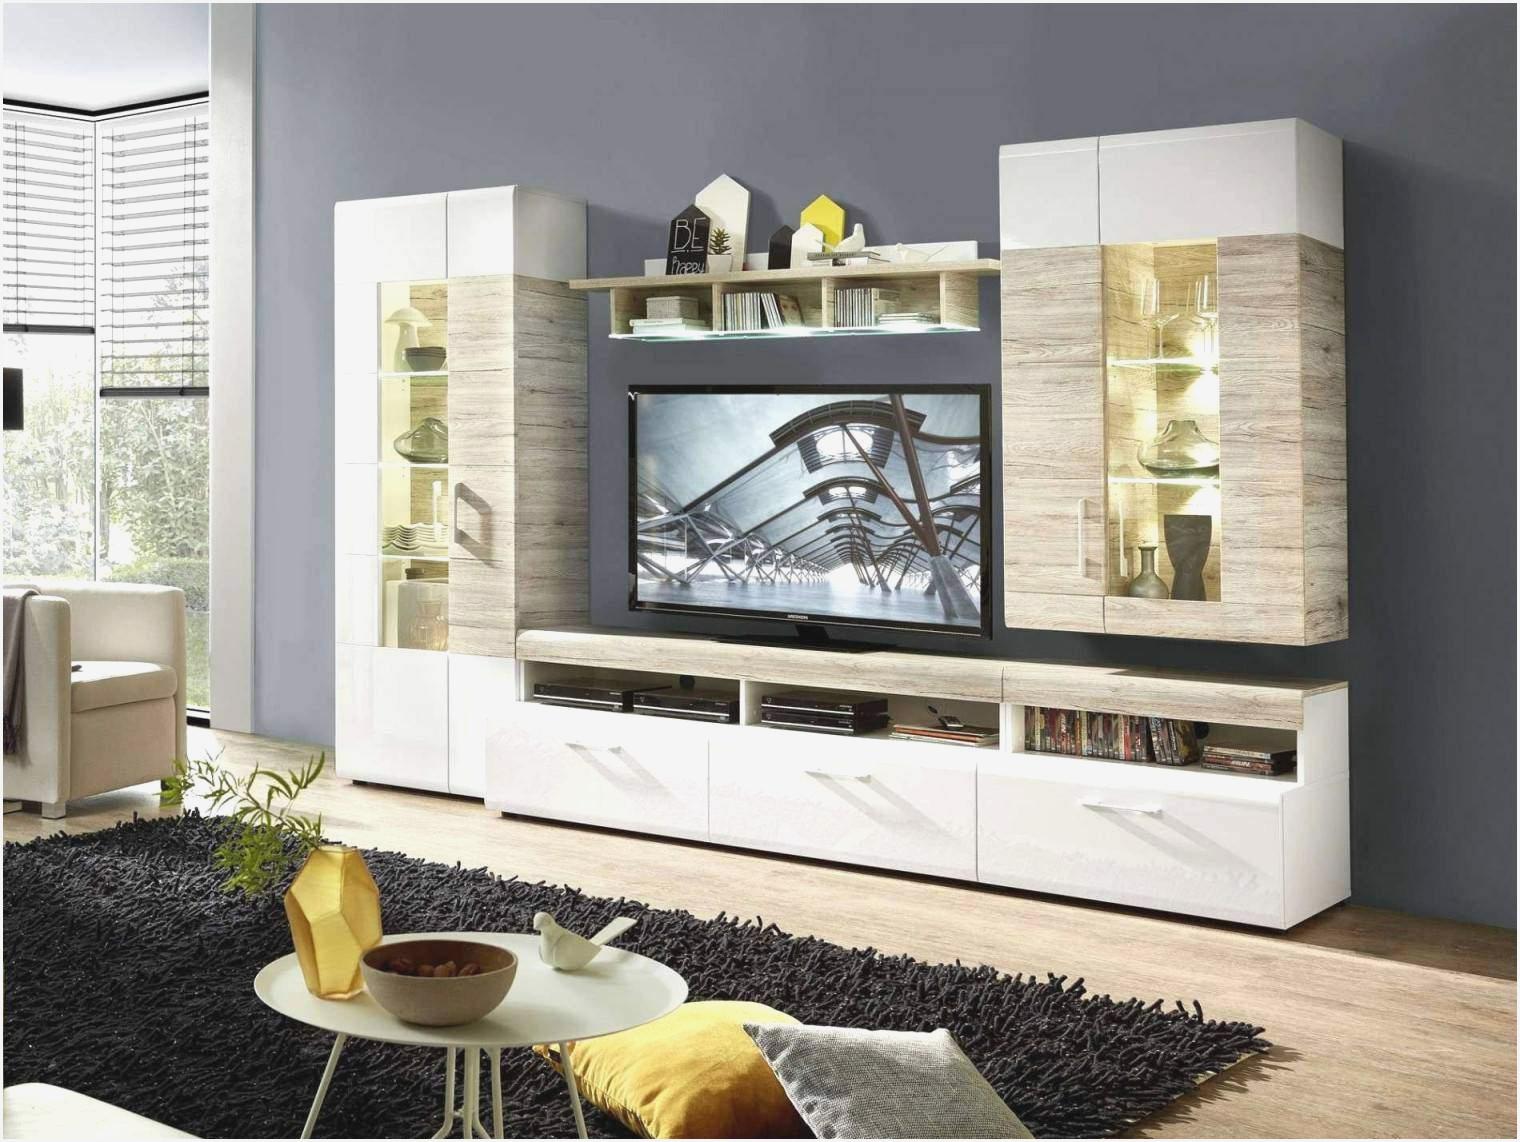 Full Size of Inspiration Wohnzimmer Besta Wohnzimmerschrank Modulküche Ikea Küche Kosten Sofa Mit Schlaffunktion Betten Bei Kaufen 160x200 Miniküche Wohnzimmer Wohnzimmerschränke Ikea